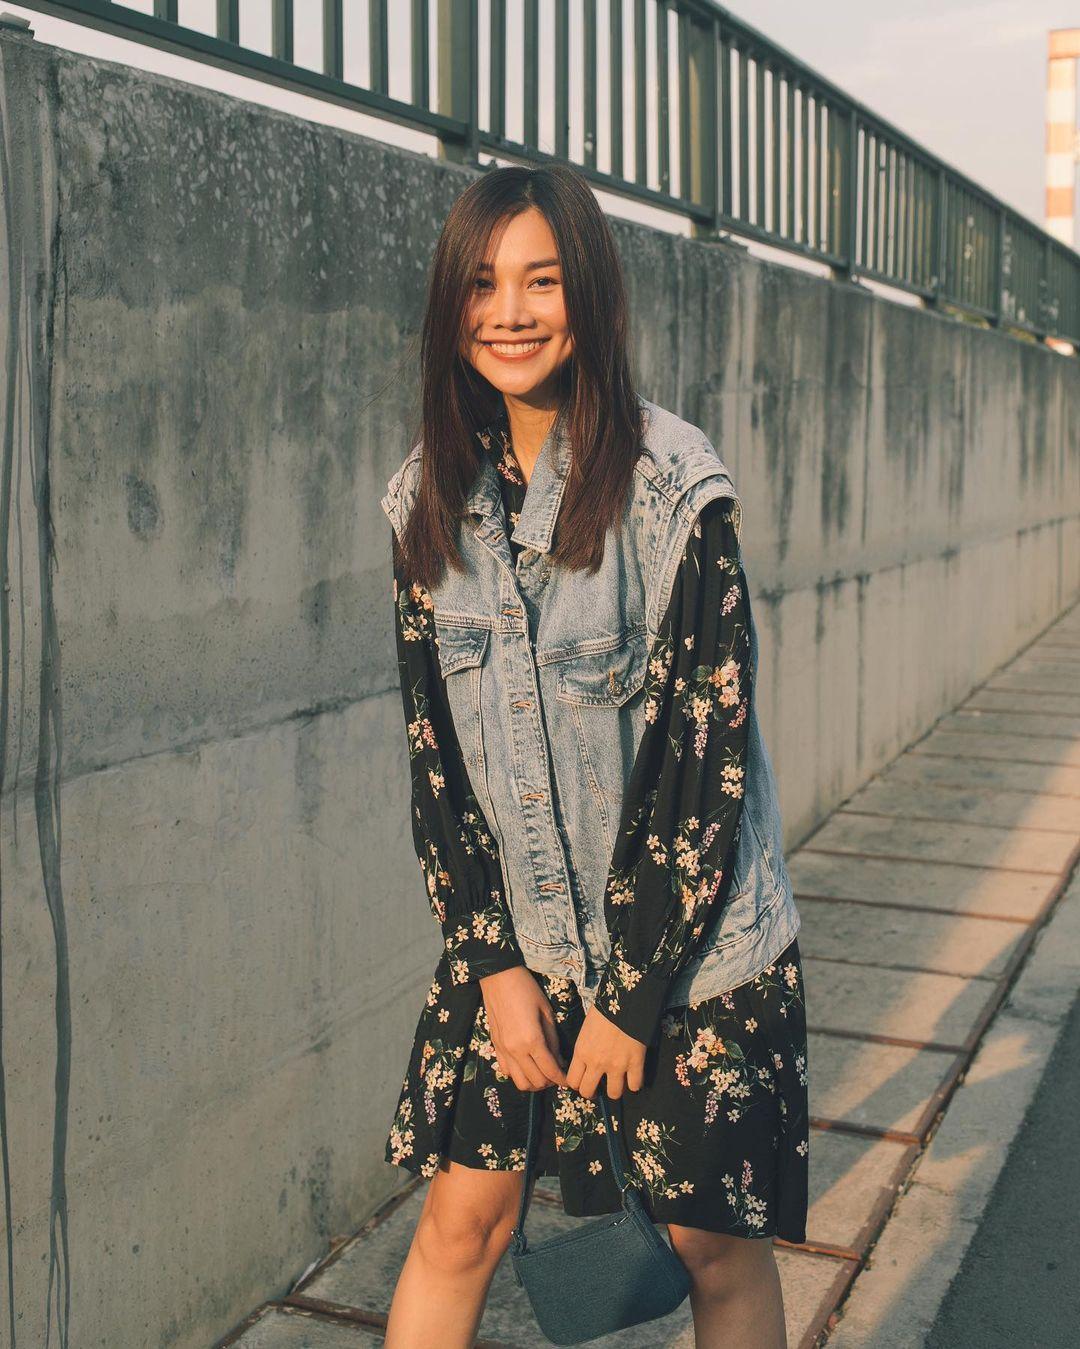 Thanh Hằng mới cập nhật một loạt outfit mùa Hè xinh ngây ngất, nàng 30  học theo thì đảm bảo trẻ trung mà vẫn thanh lịch - Ảnh 6.